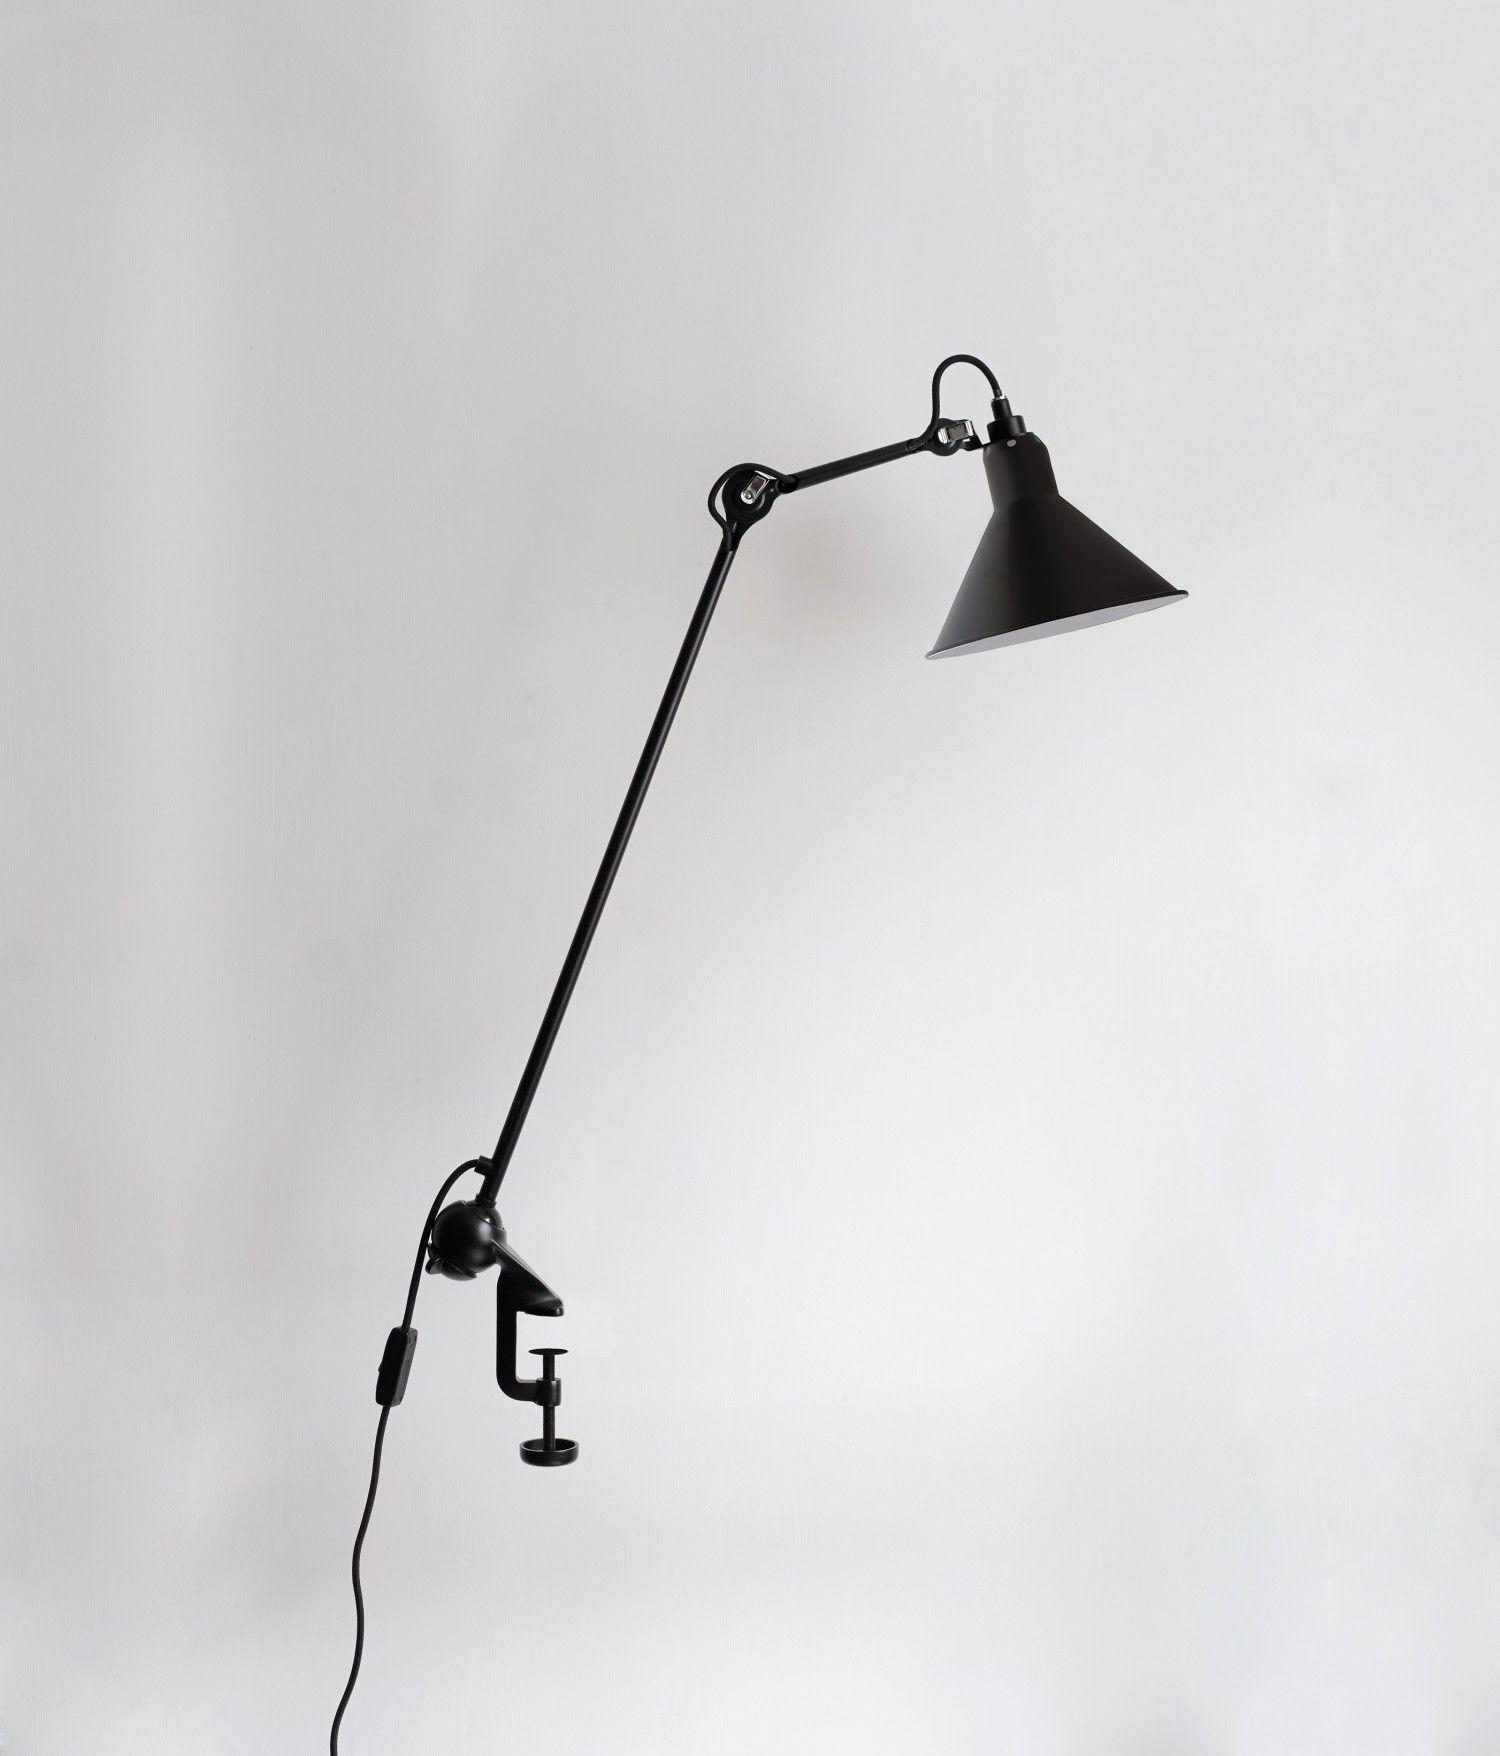 Lampe Gras par DCW éditions - N°201 | Design interieur | Pinterest ...